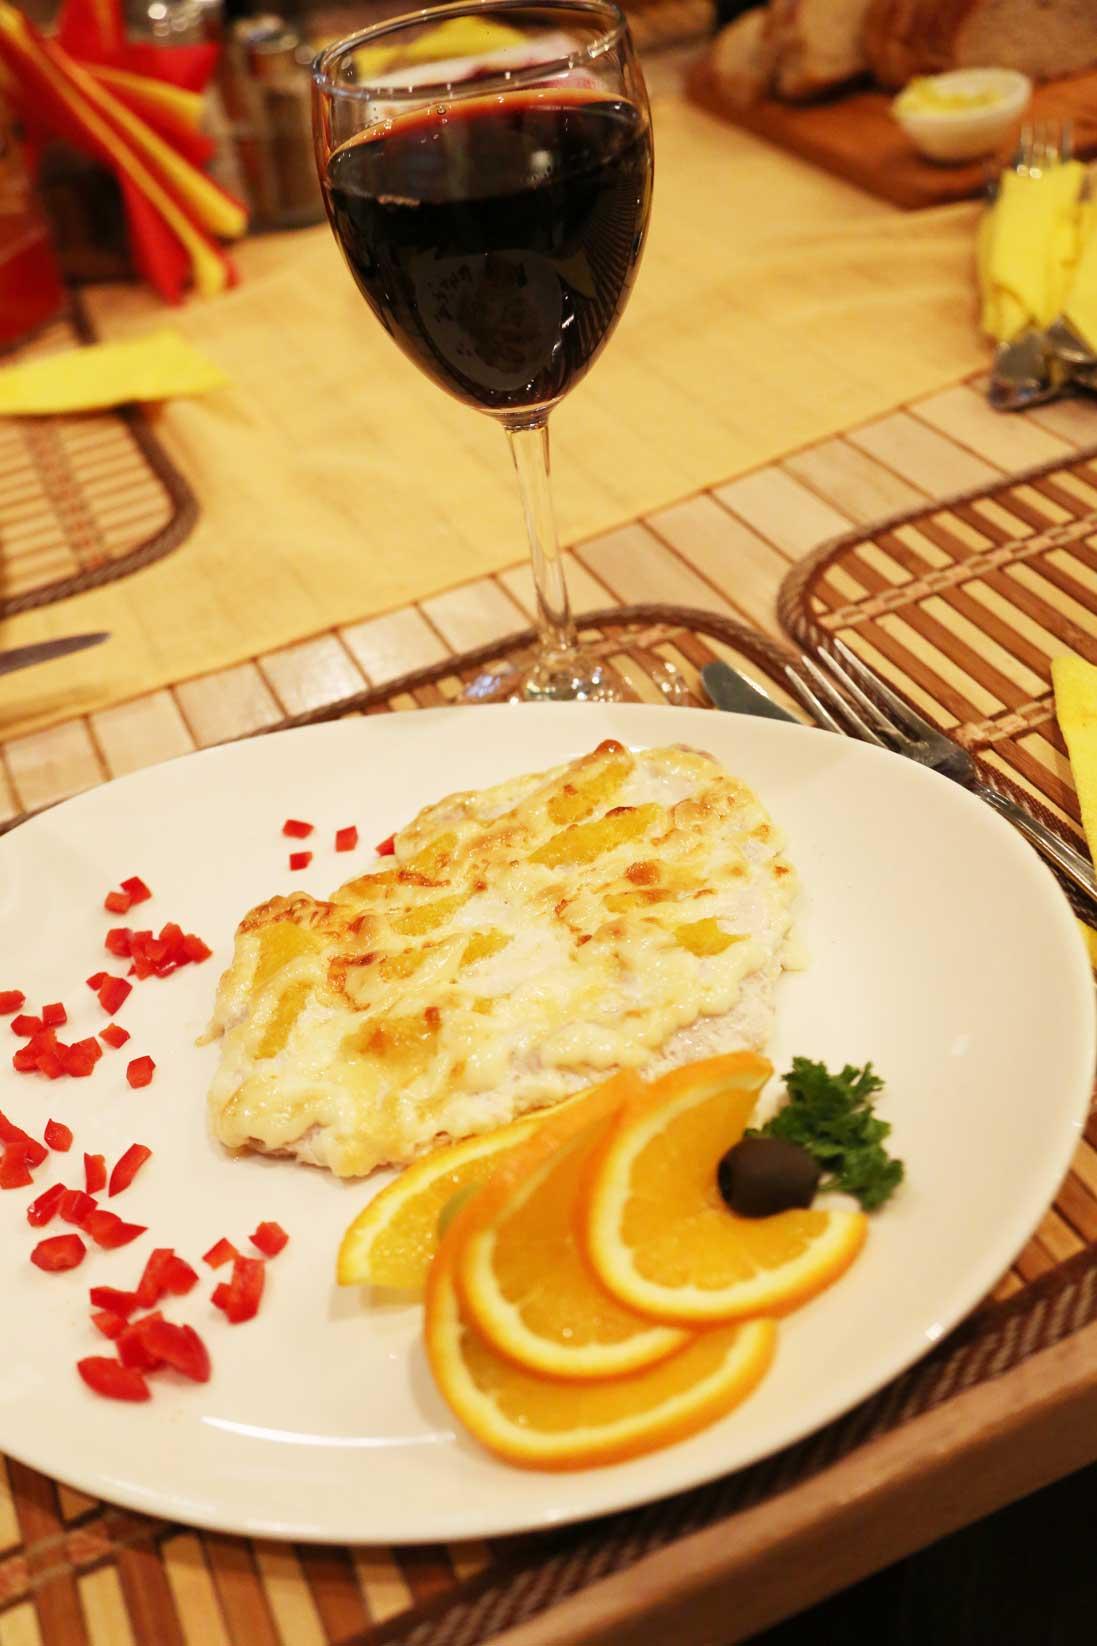 ウラジオストクのグルメ ~ おしゃれなレストランから街角の食堂まで_b0235153_819331.jpg